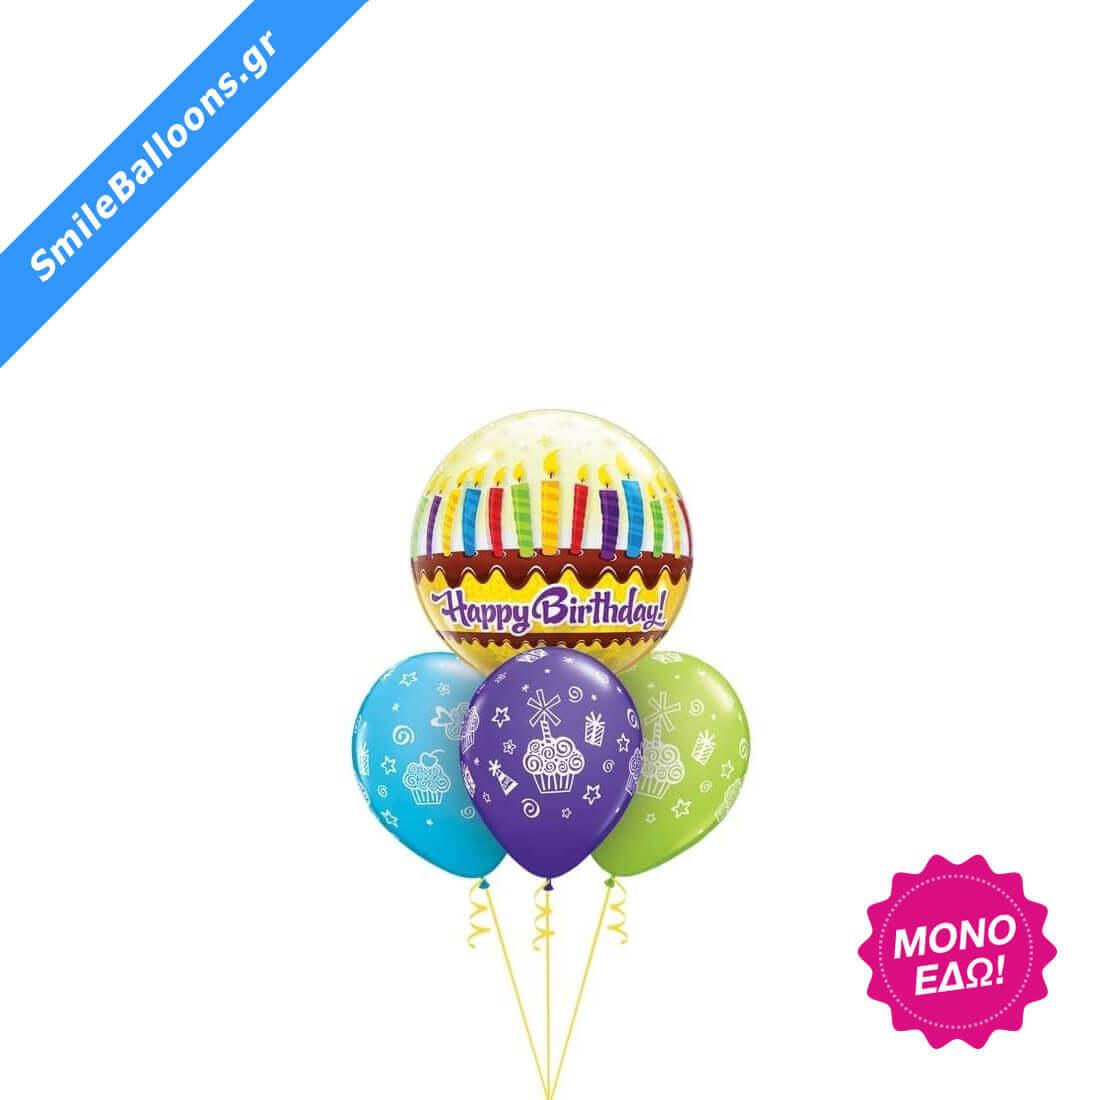 """Μπουκέτο μπαλονιών """"Colorful Cupcakes & Candles"""""""